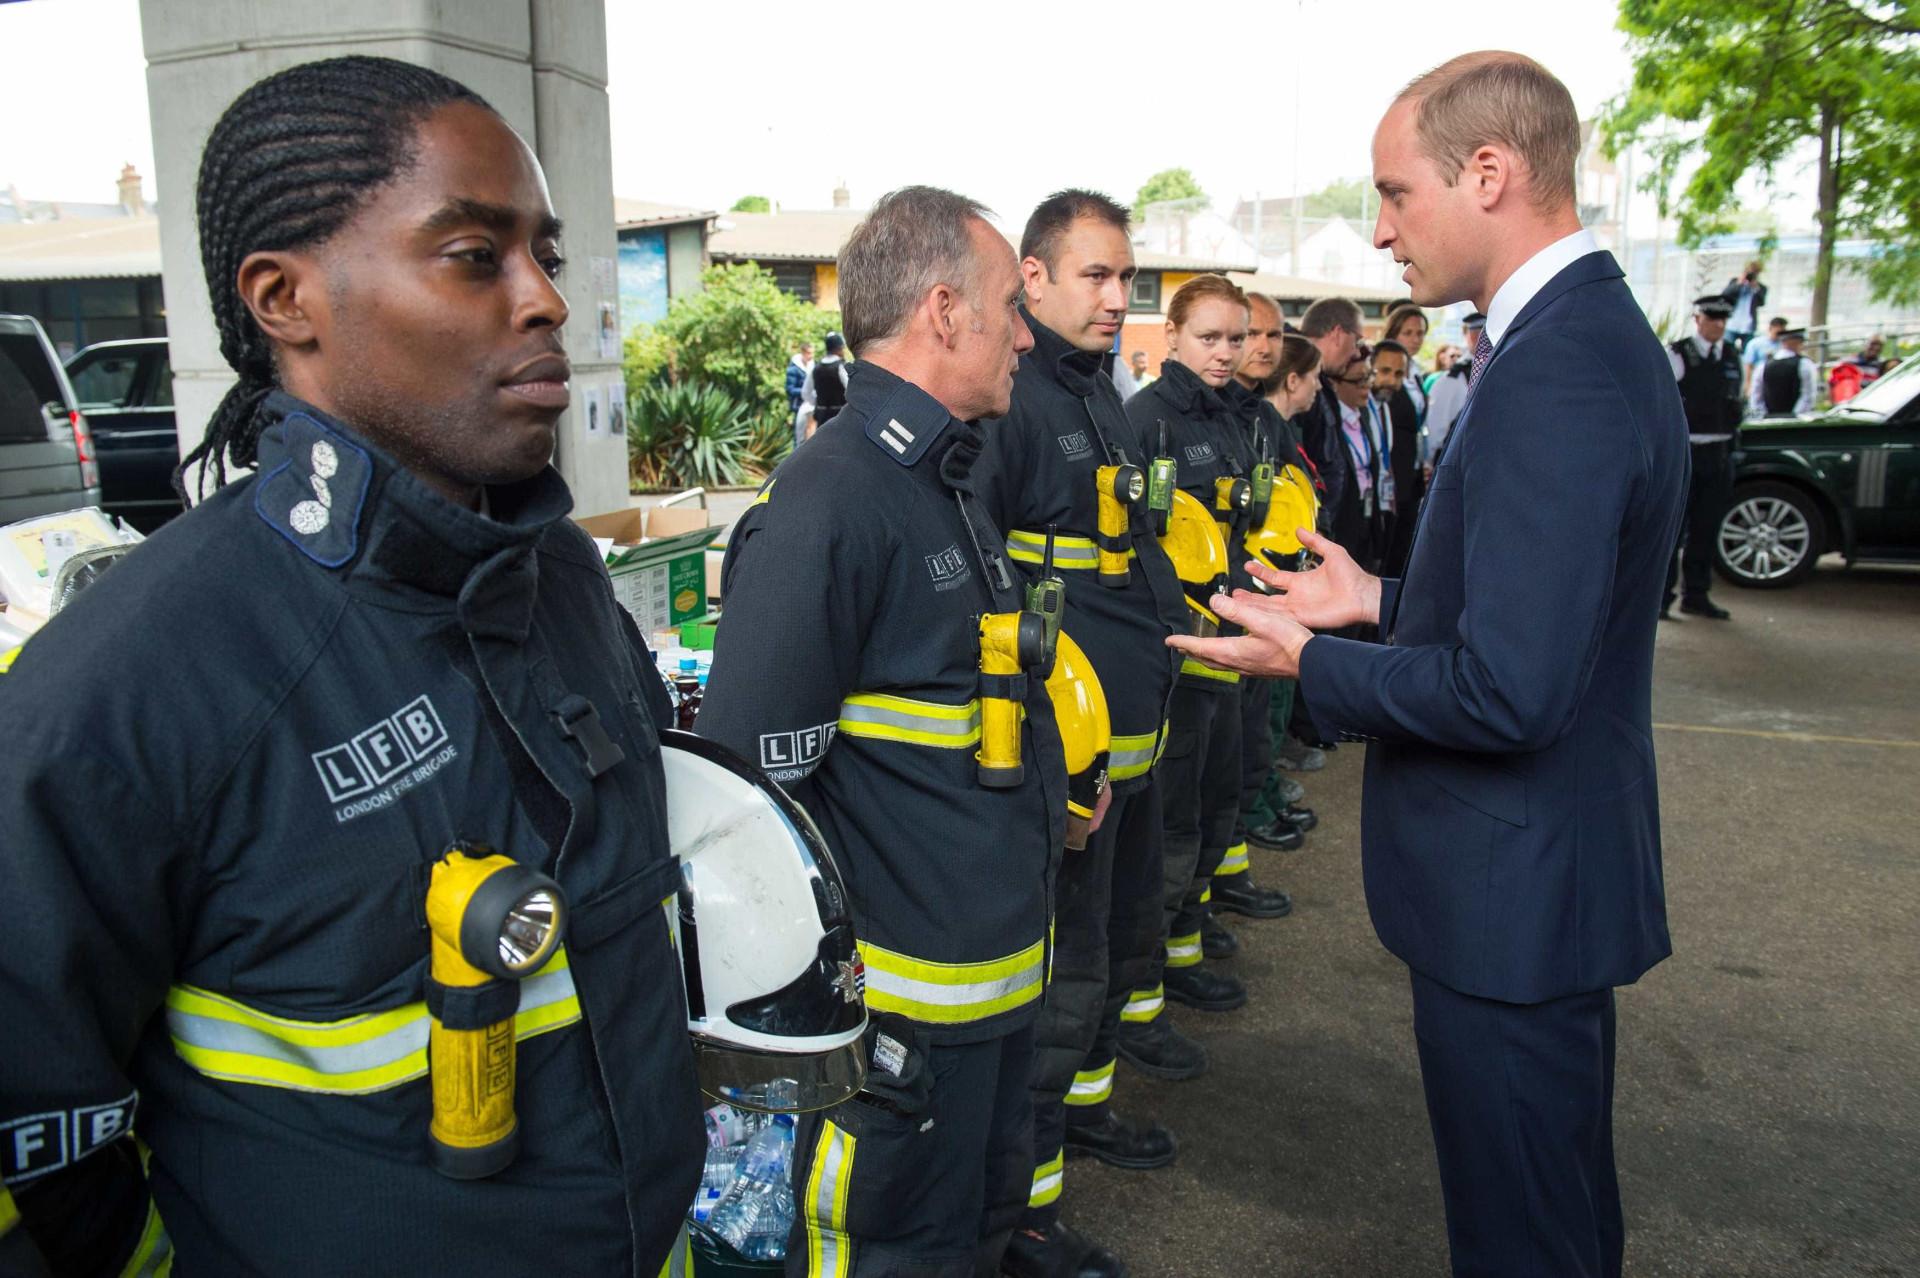 Príncipe William quebrou protocolo na visita a vítimas de incêndio